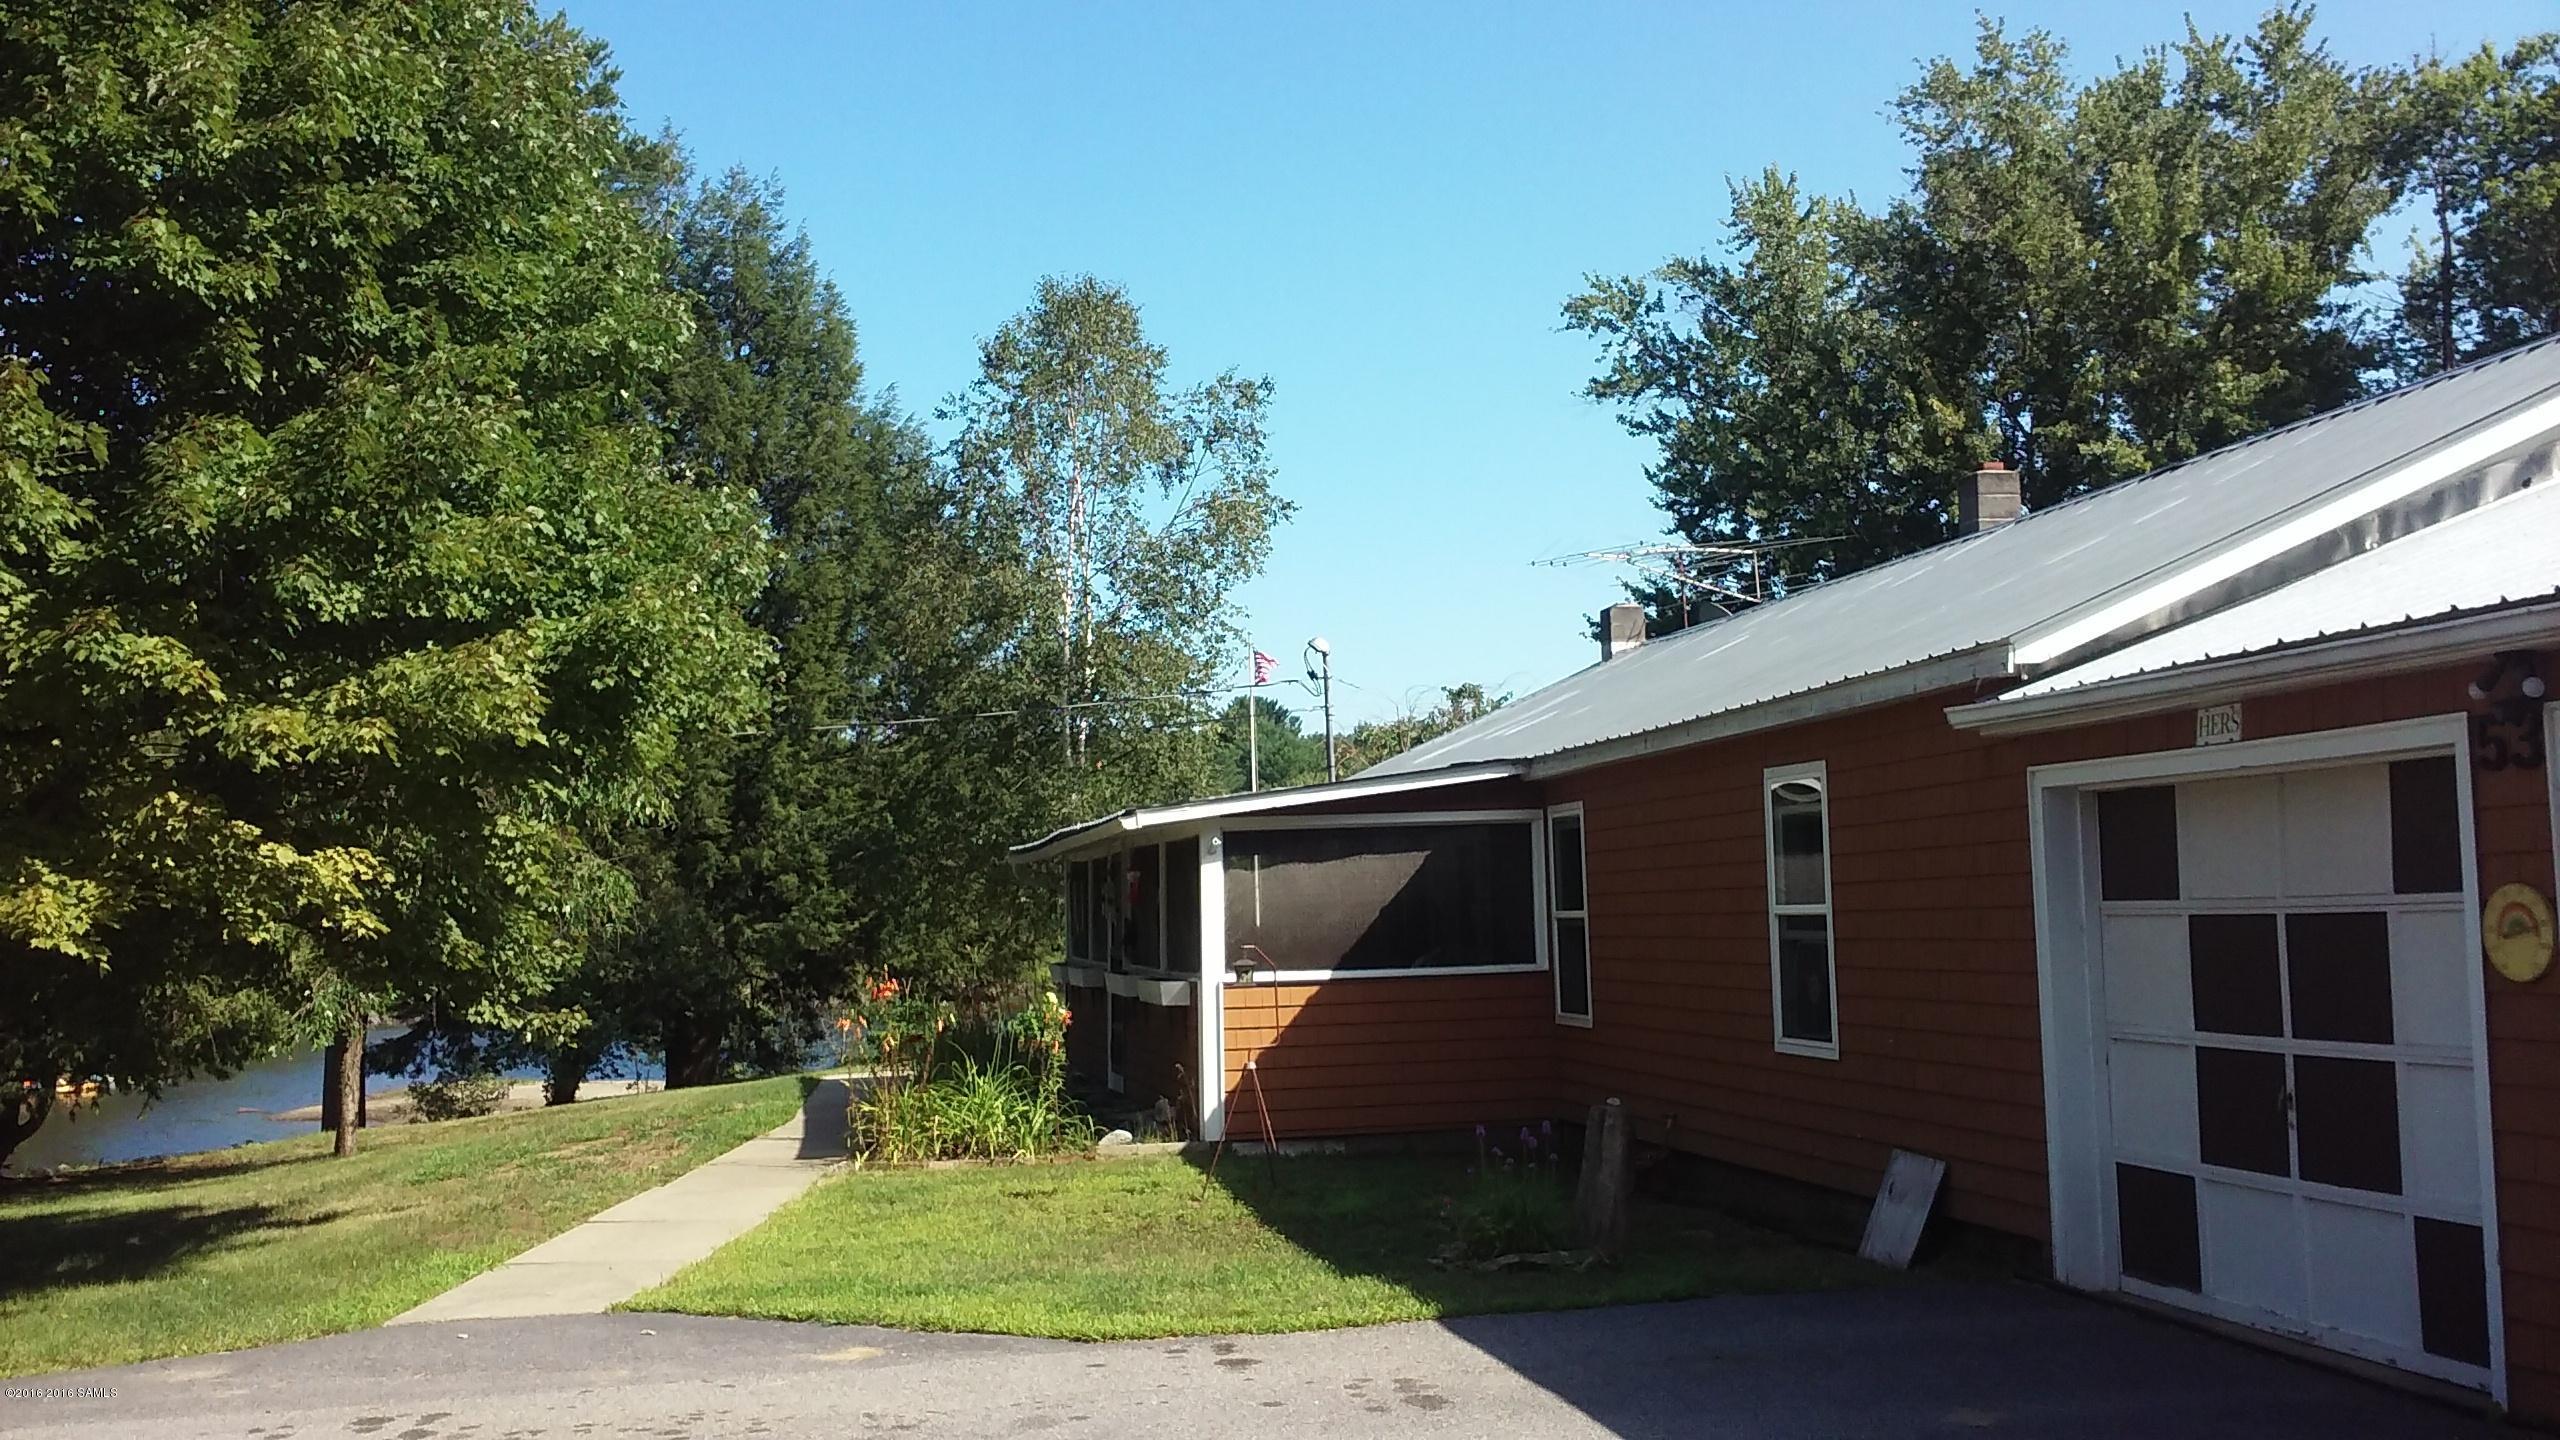 53 Tannery Road, Brant Lake, NY 12815